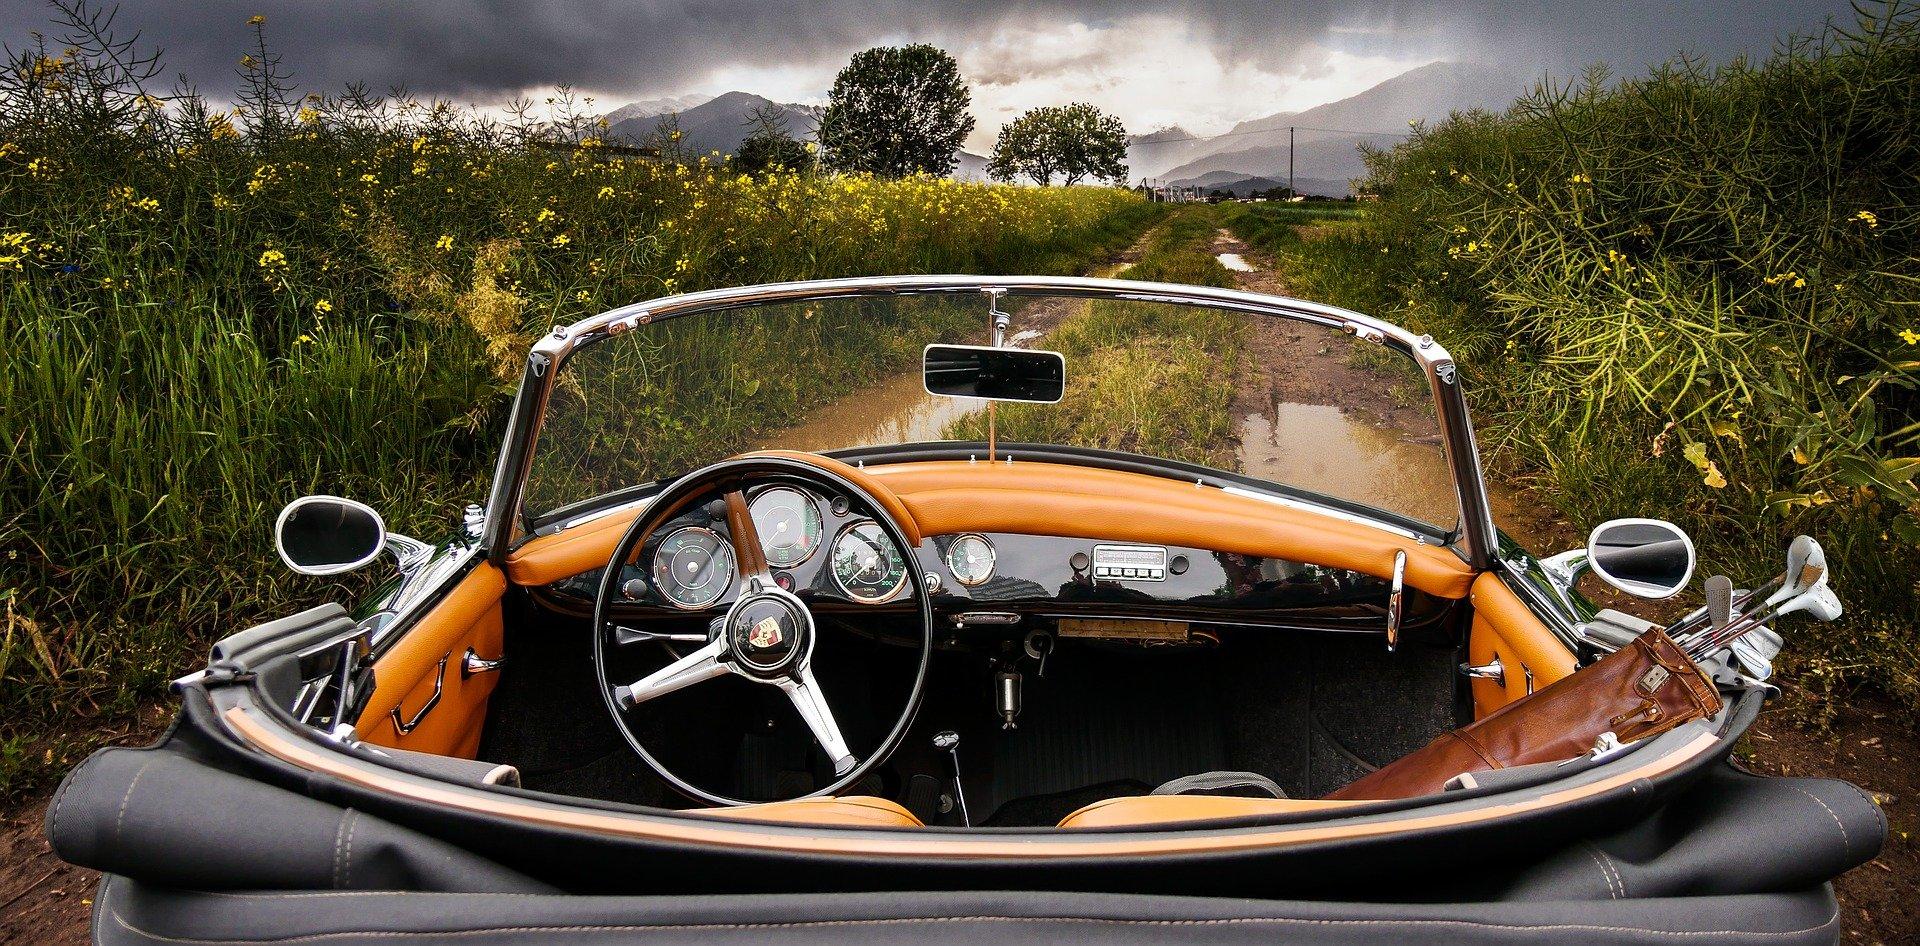 Самые надежные автомобили в мире назвали эксперты